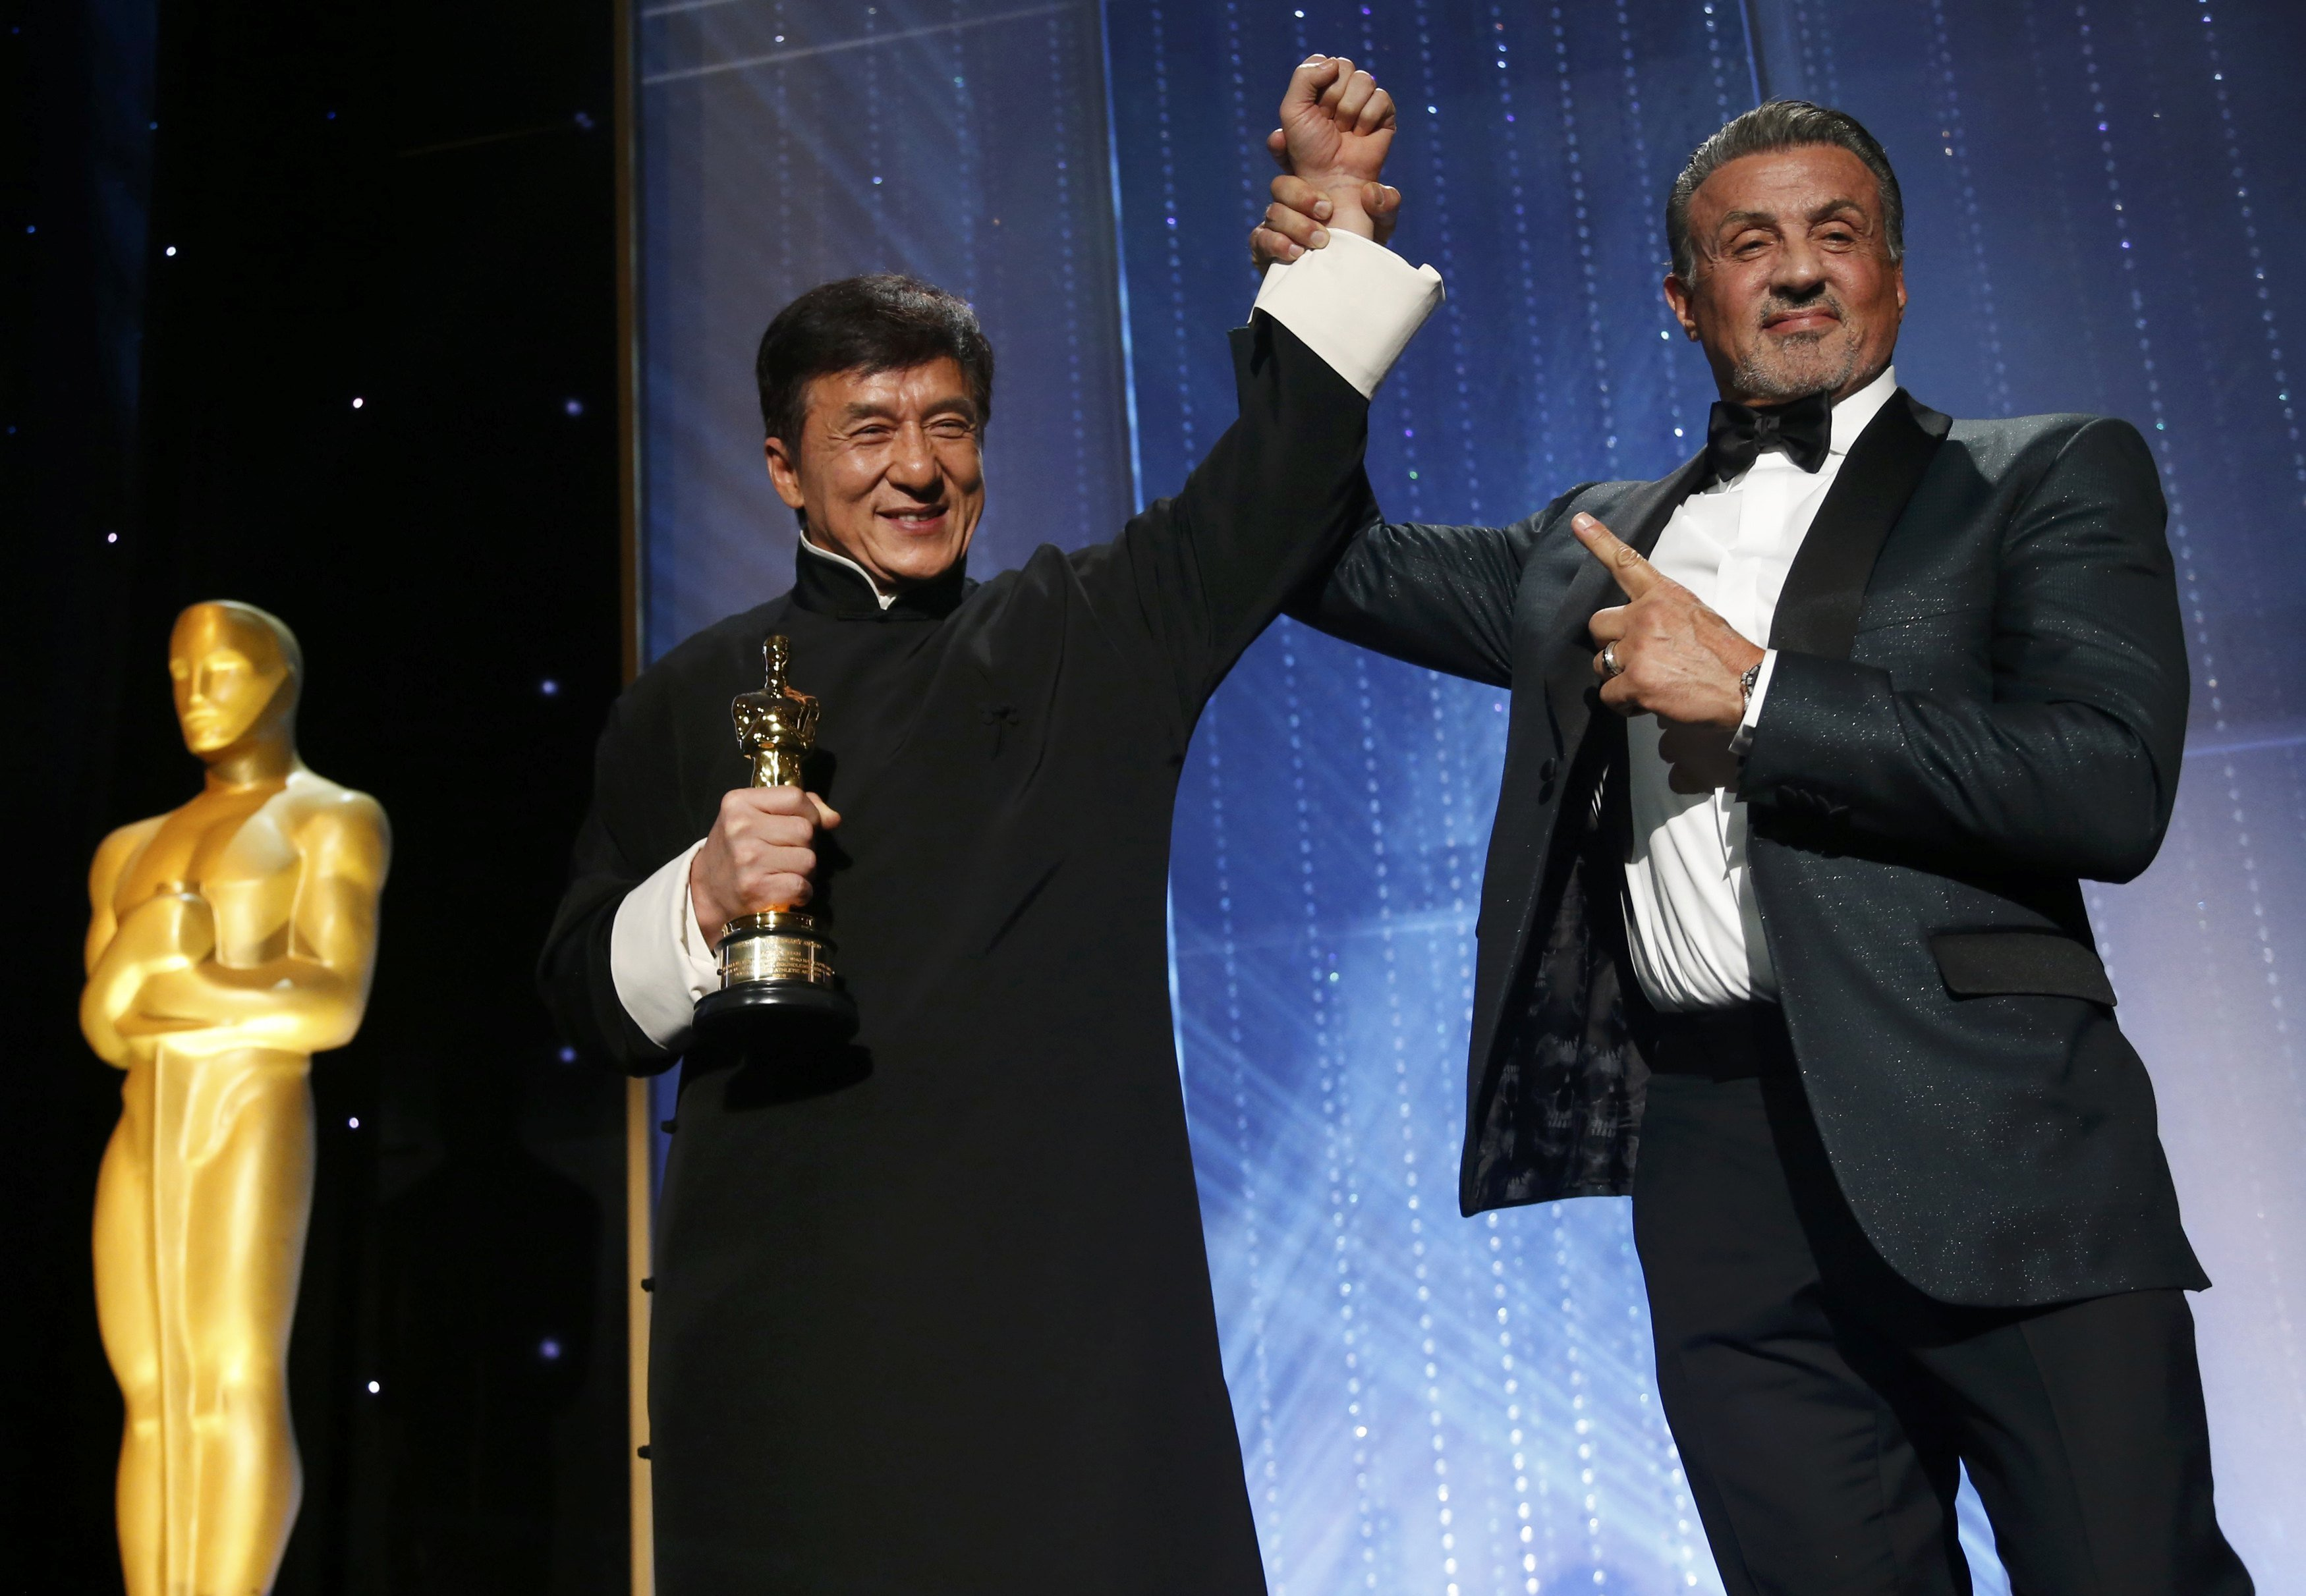 L'acteur Chan est félicité par l'acteur Silvester Stallone après avoir accepté son Oscar d'honneur lors du 8e Bal des Gouverneurs annuel à Los Angeles